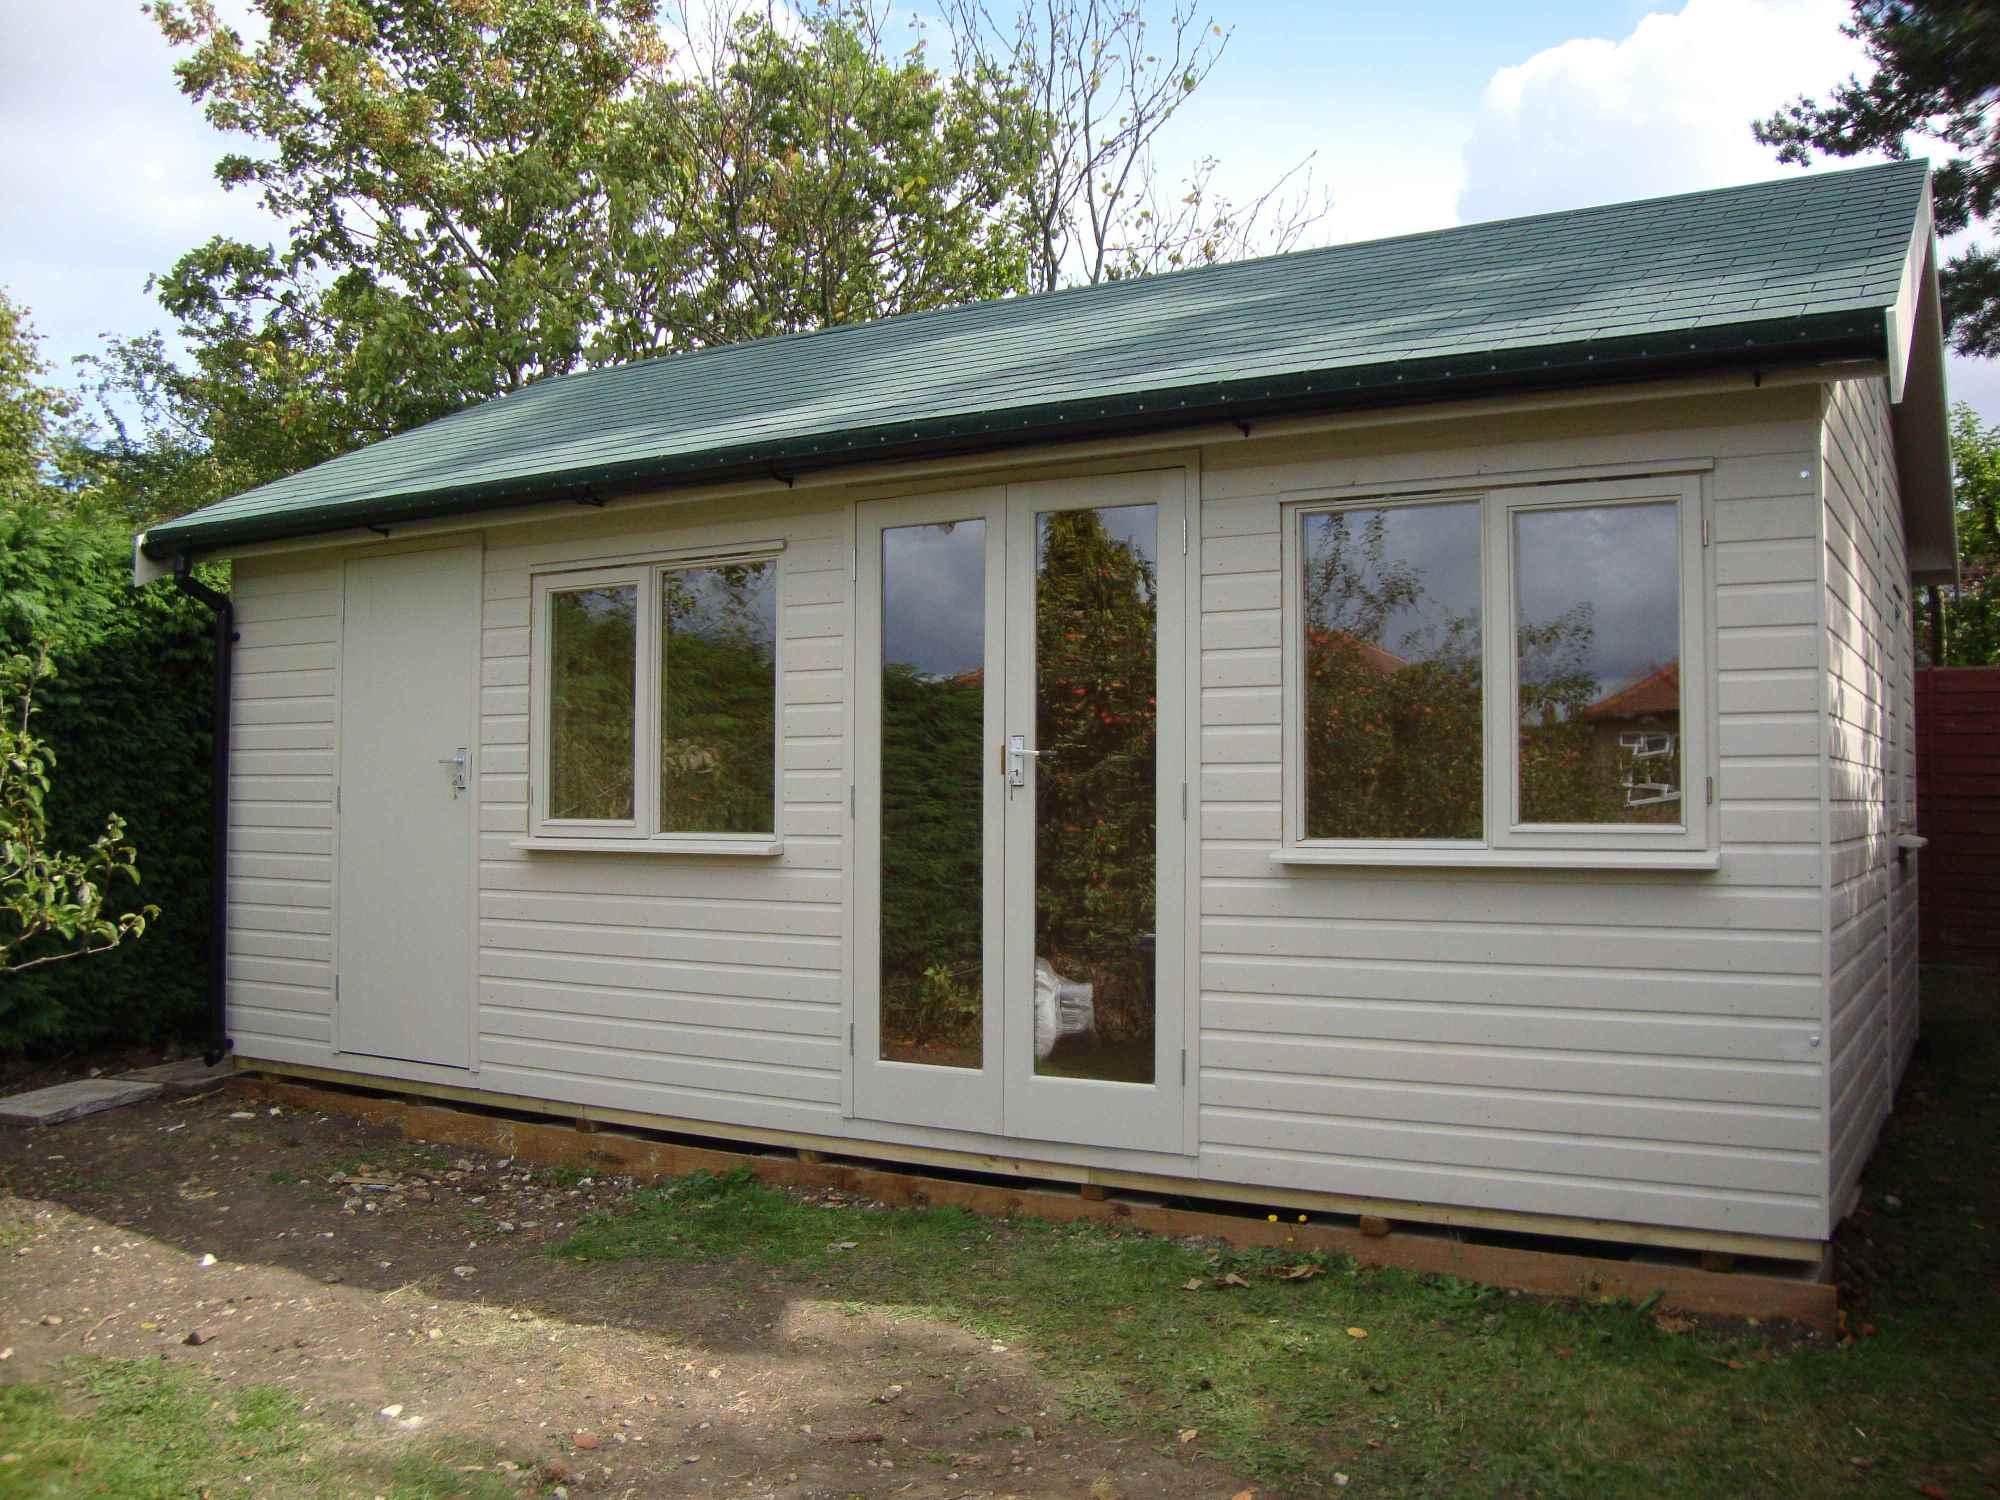 Summer houses garden rooms home offices bespoke mb for Bespoke garden office